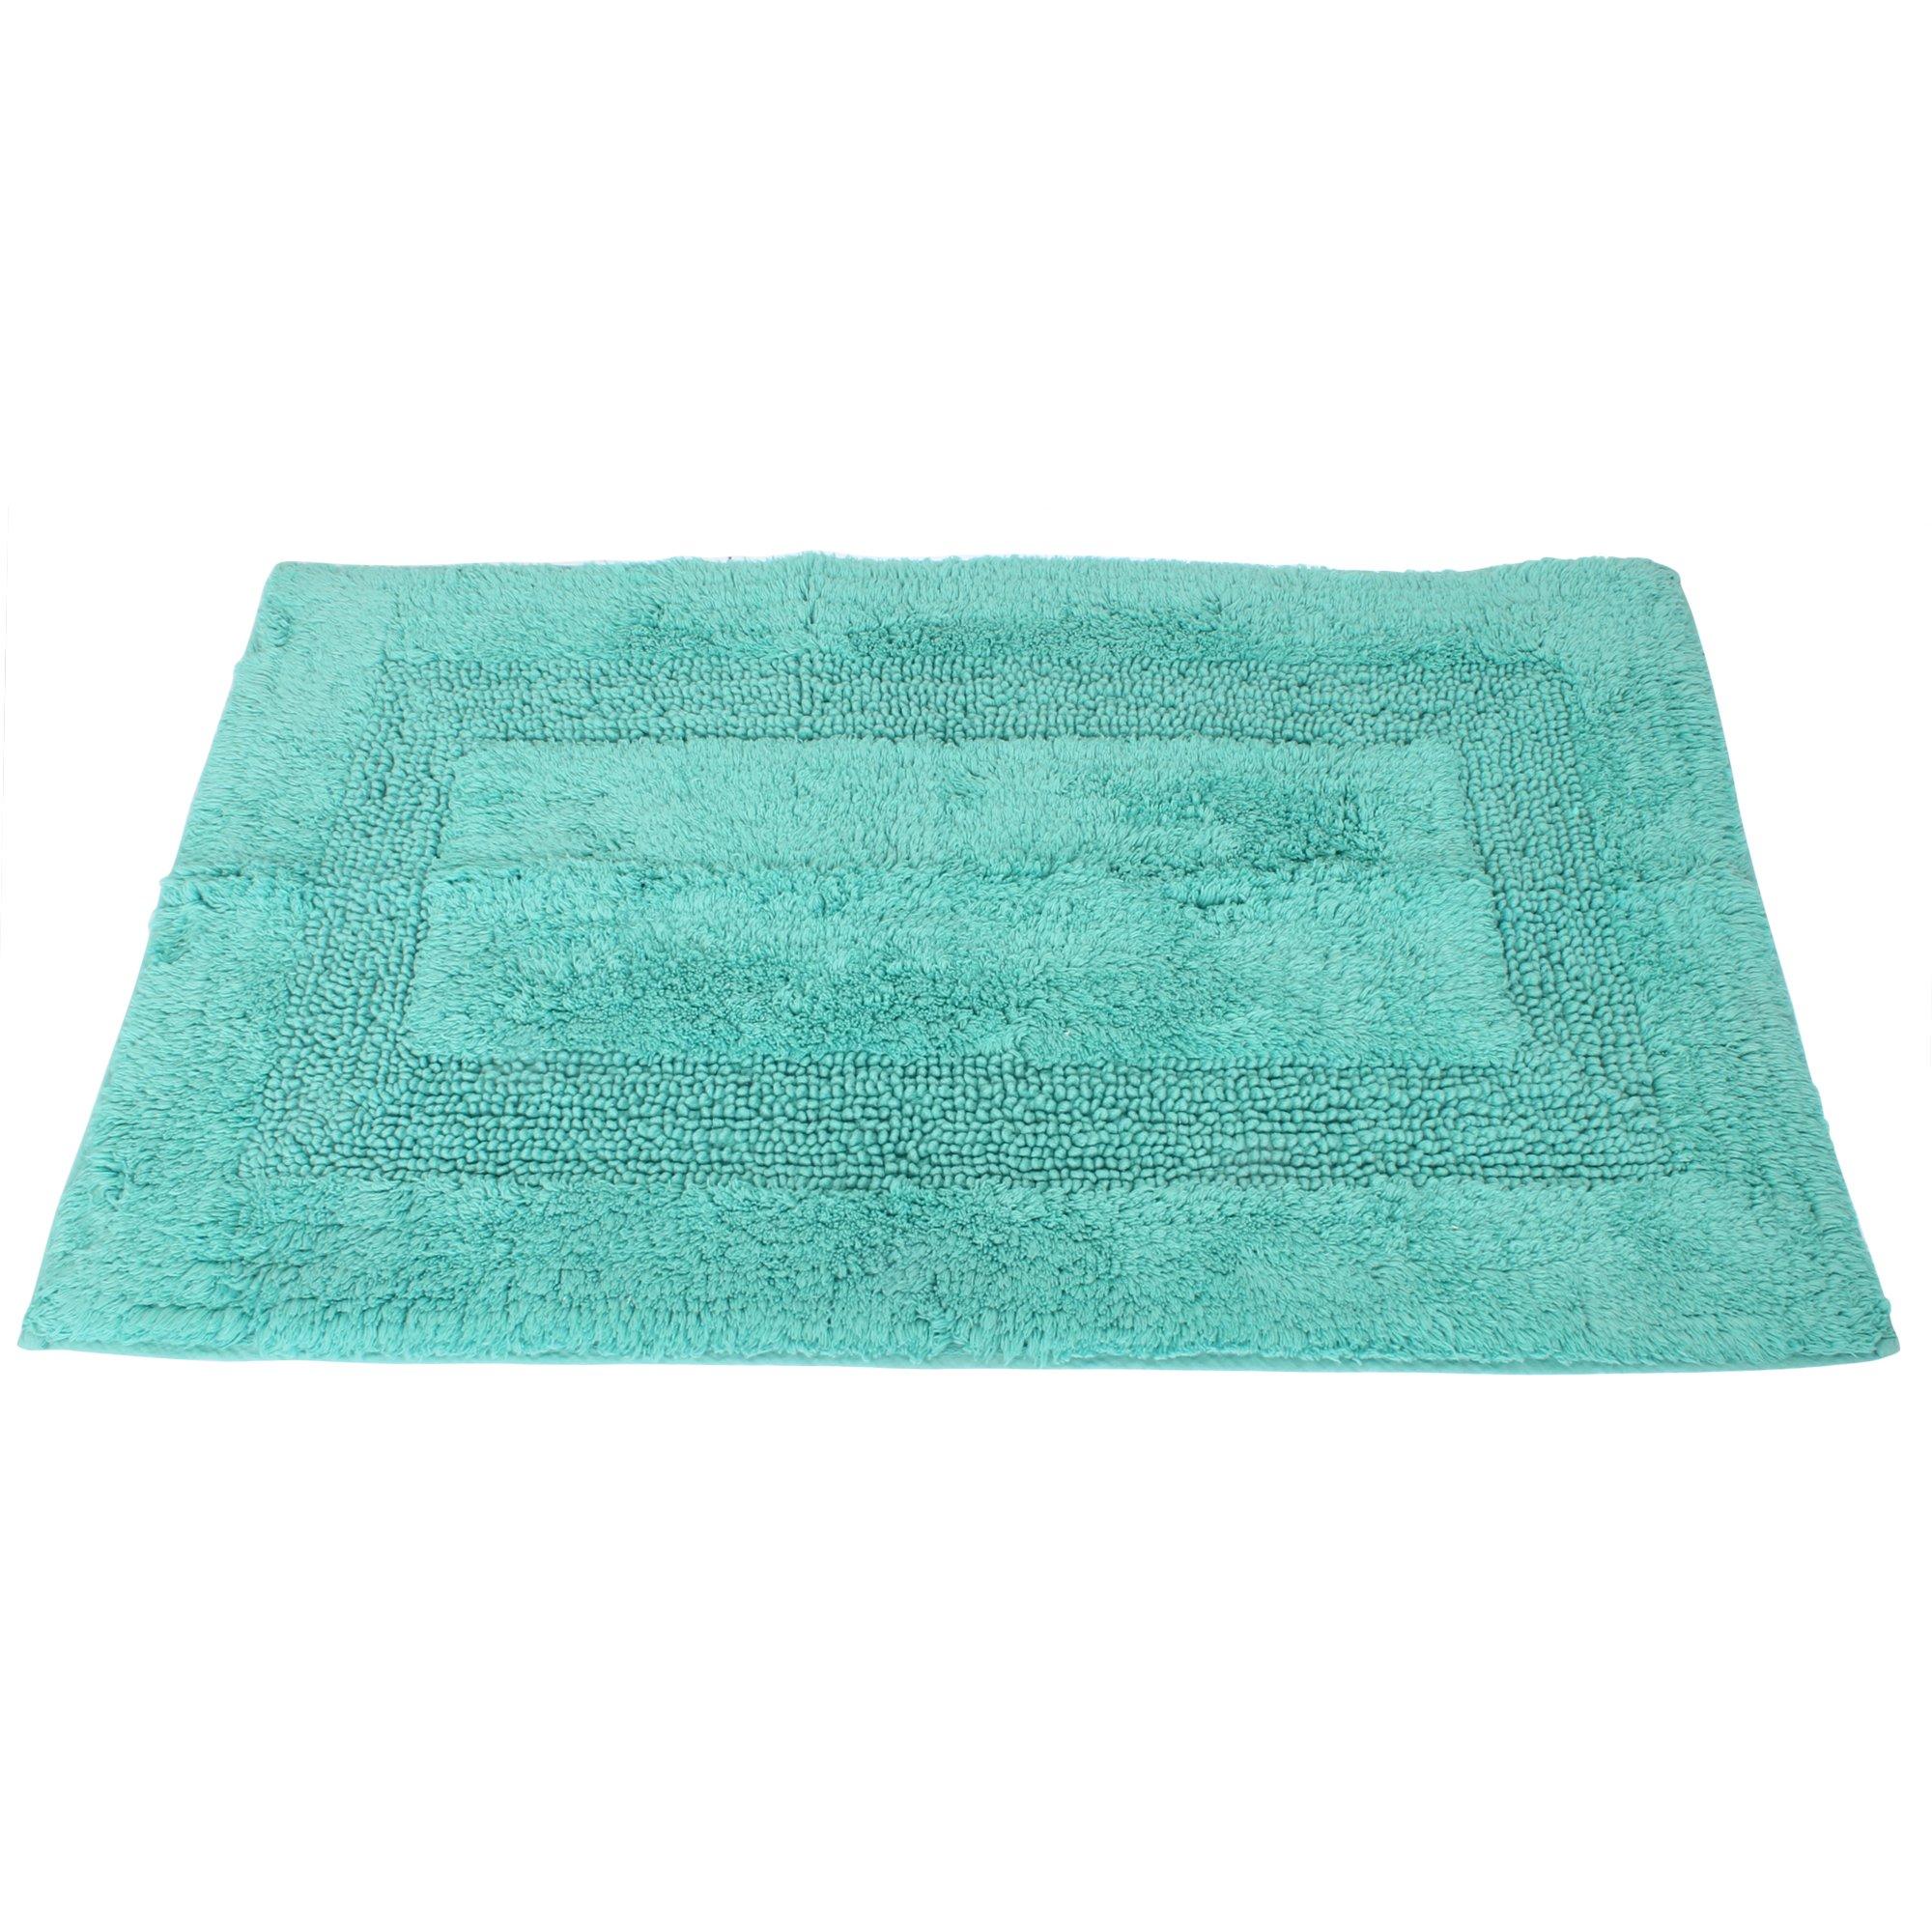 100% Cotton Olympia Design Bathroom Bath Mat/Rug  eBay